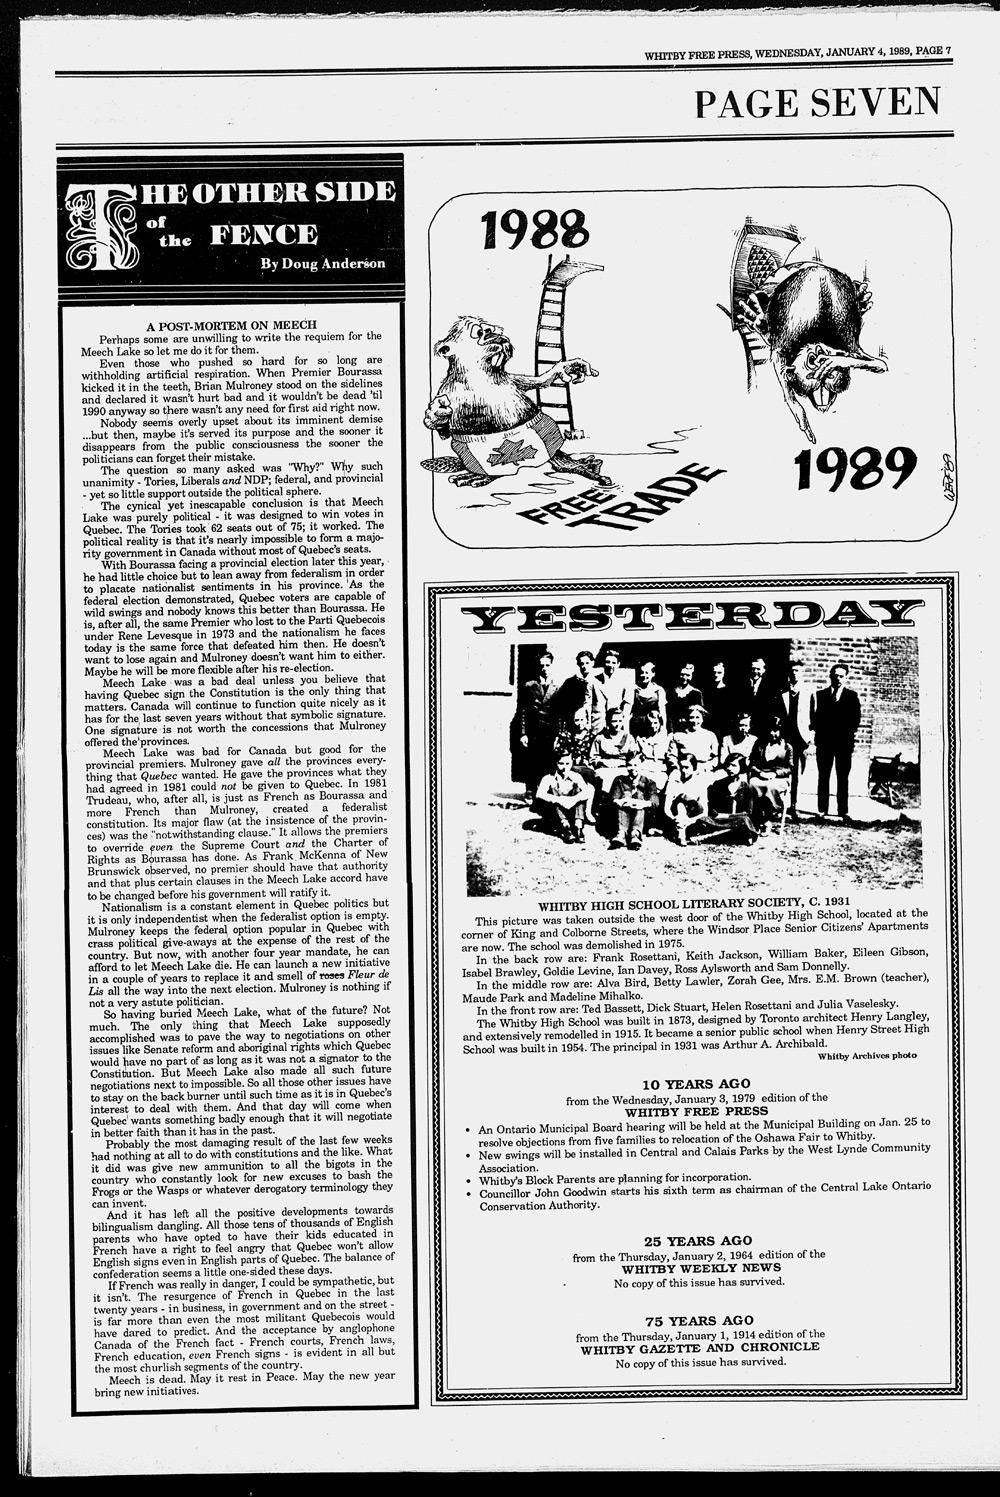 Whitby Free Press, 4 Jan 1989